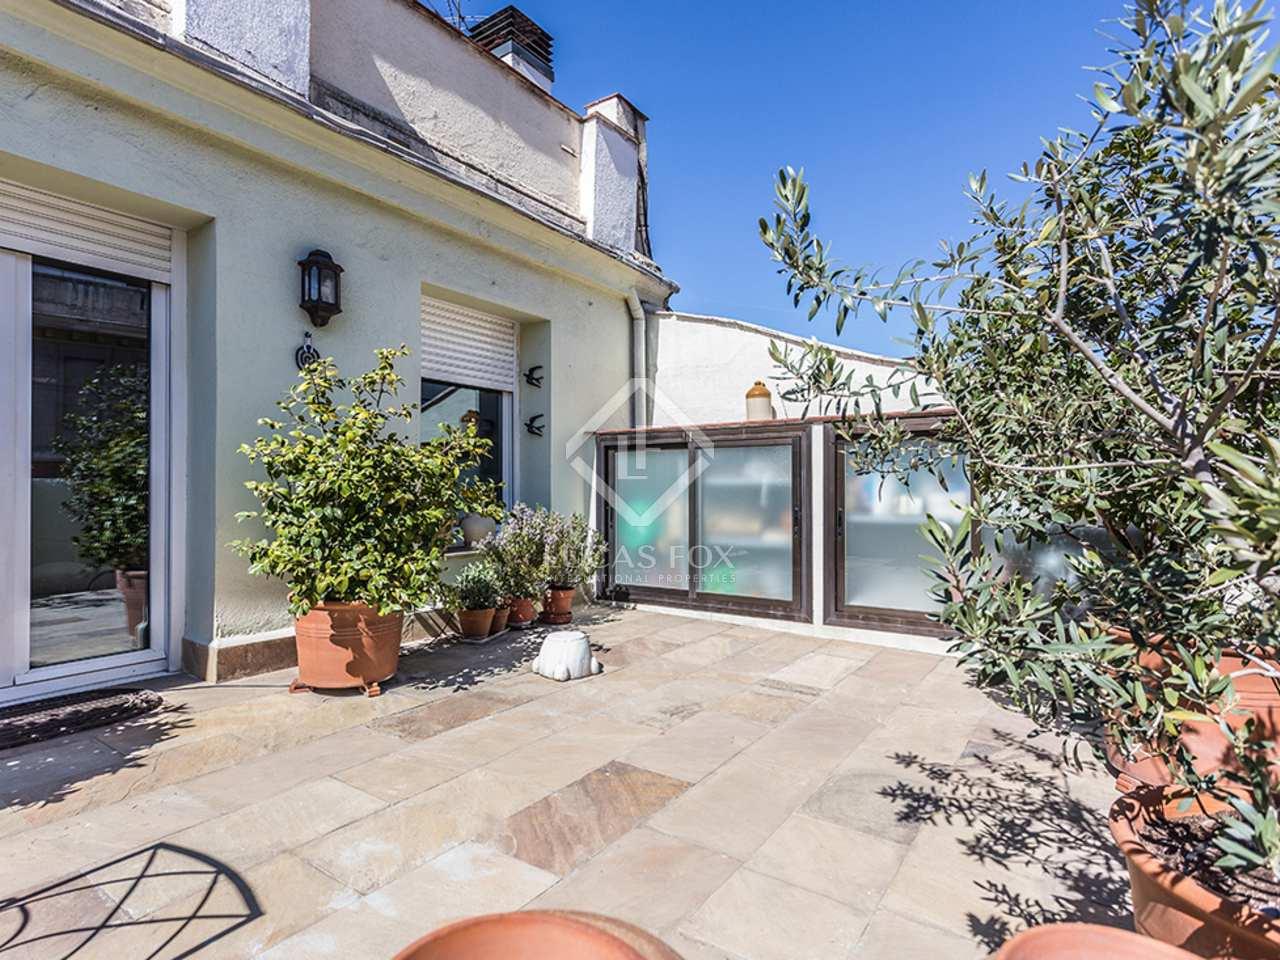 appartement de 100m a vendre lista avec 30m terrasse. Black Bedroom Furniture Sets. Home Design Ideas